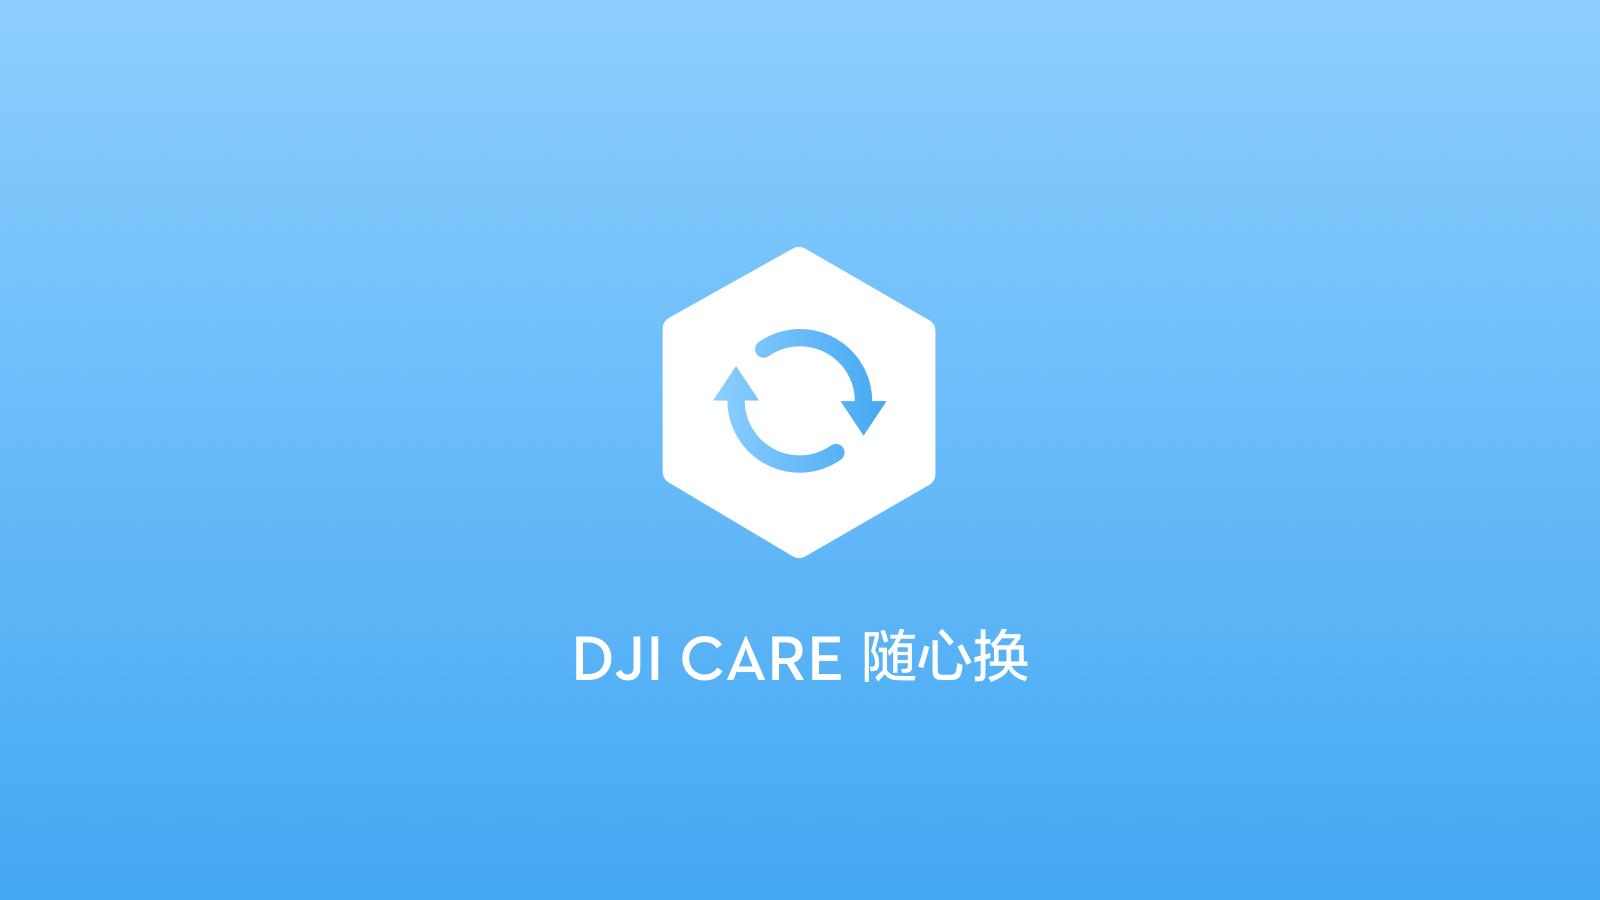 大疆DJI Care随心换